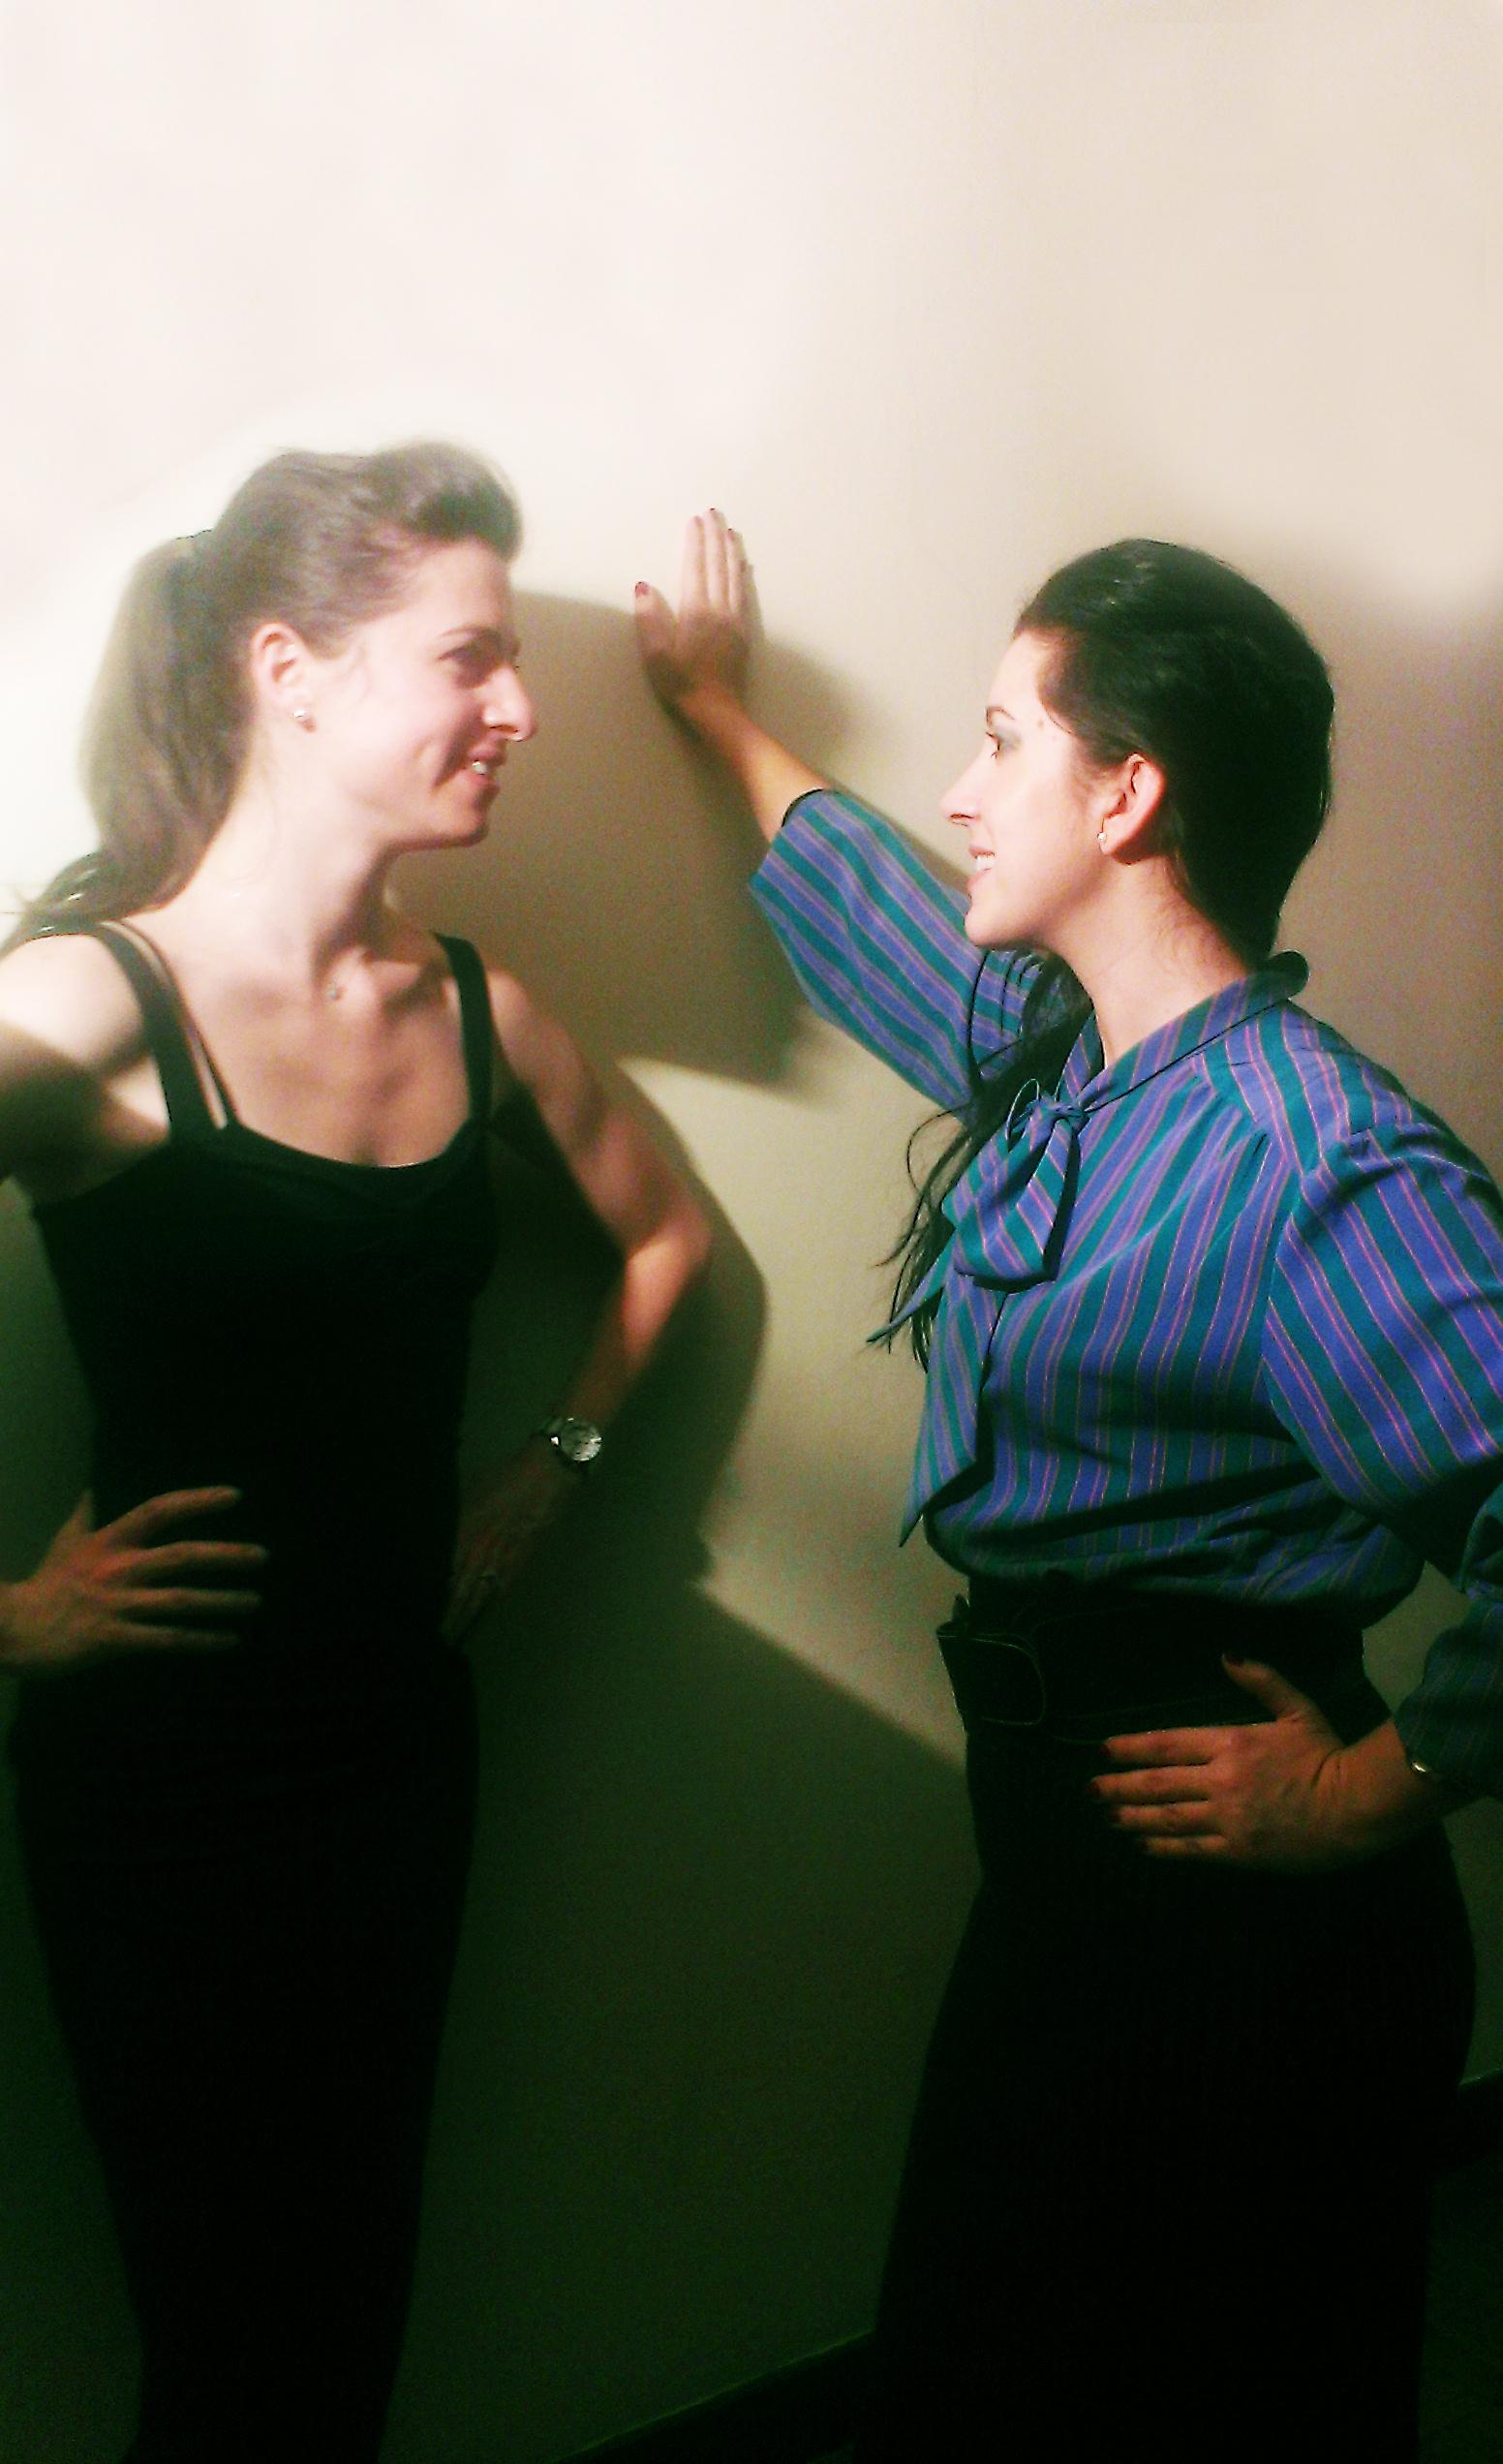 Ana Karina Rossi et Charlotte Millour